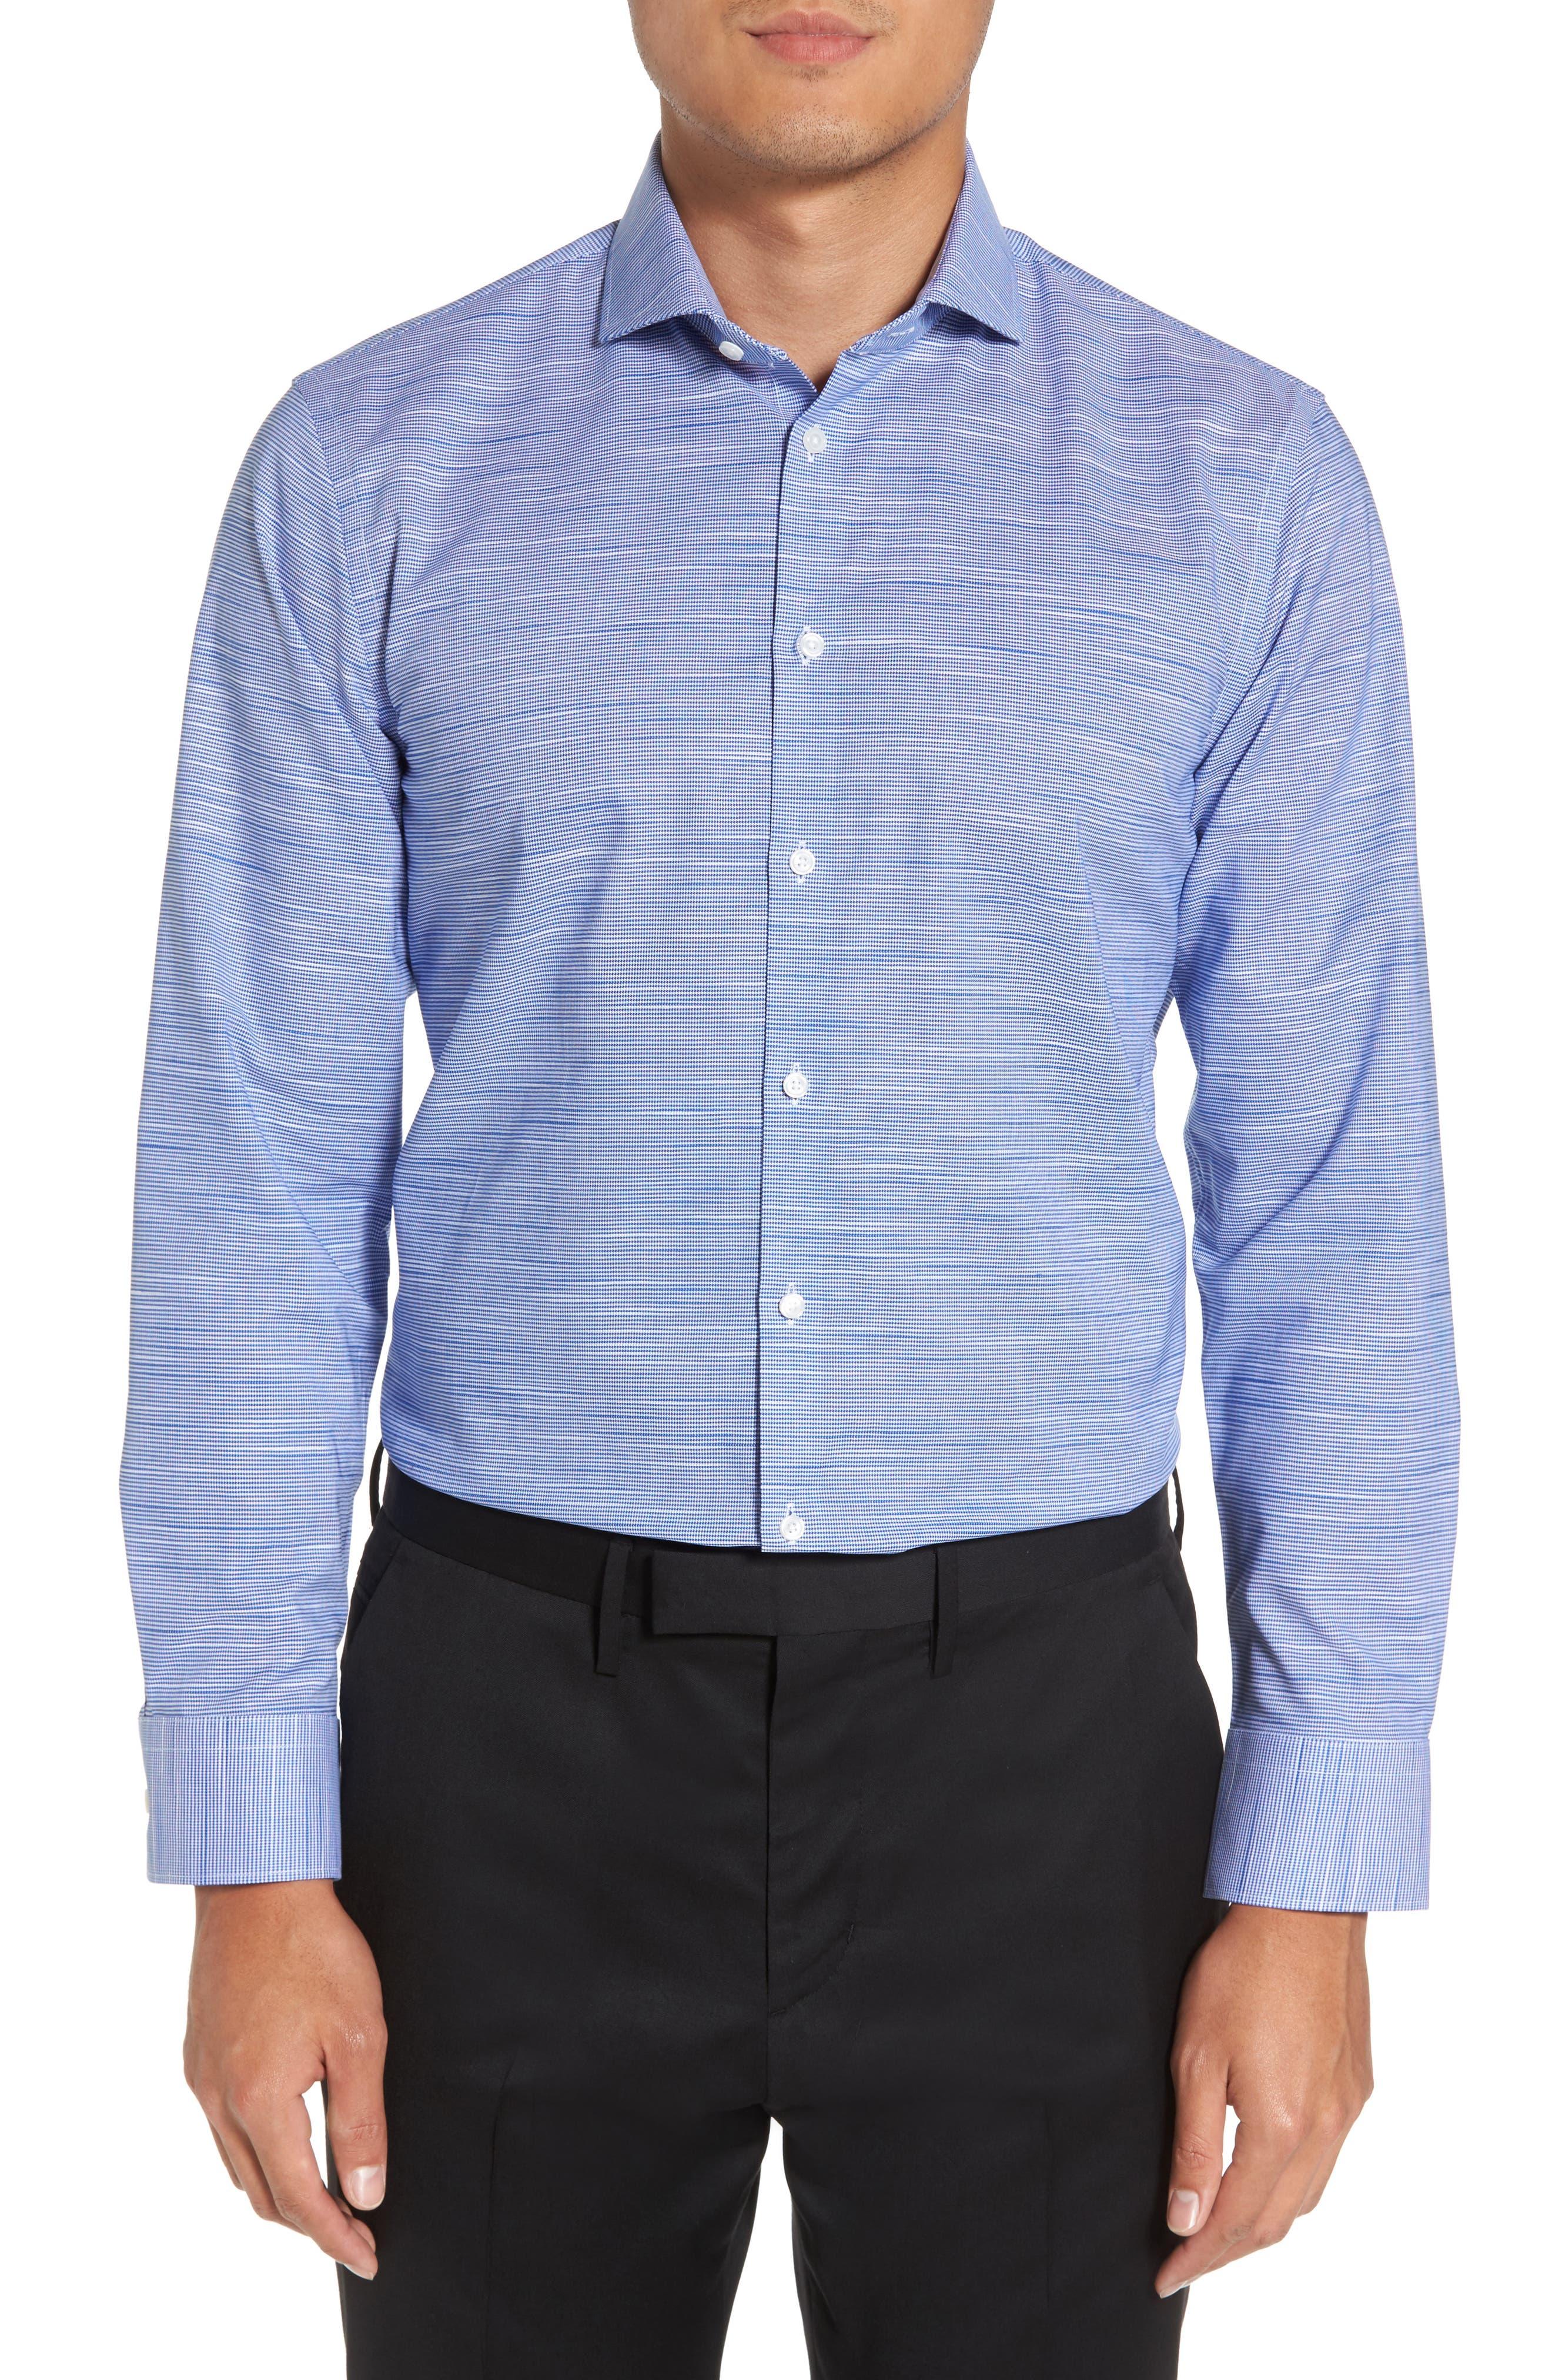 Main Image - Calibrate Extra Trim Fit Non-Iron Dress Shirt